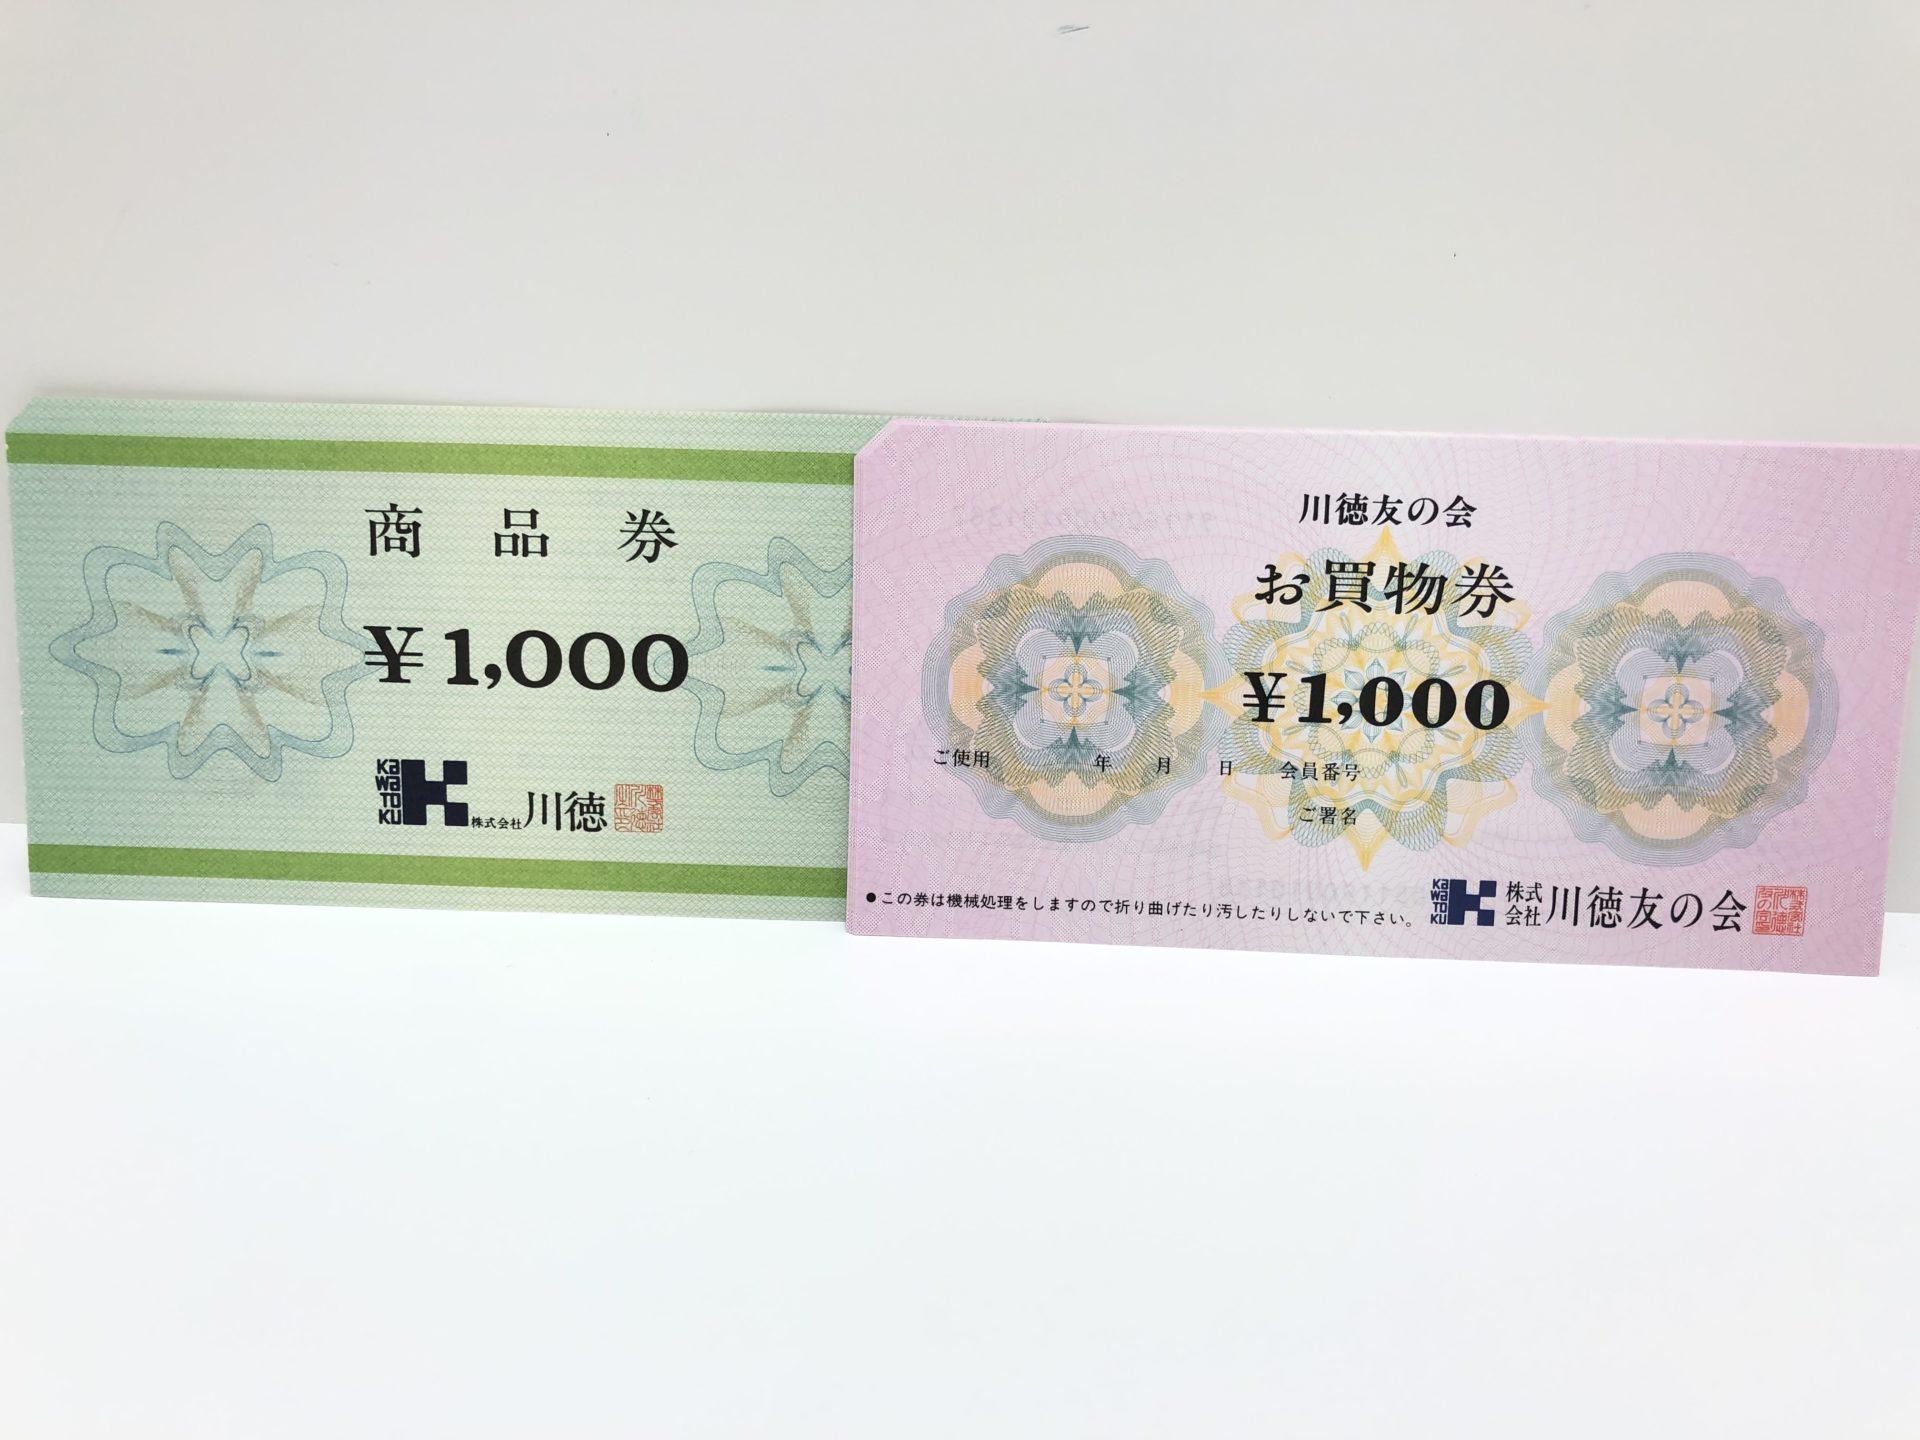 【川徳商品券&川徳友の会お買い物券】買取始めました!!